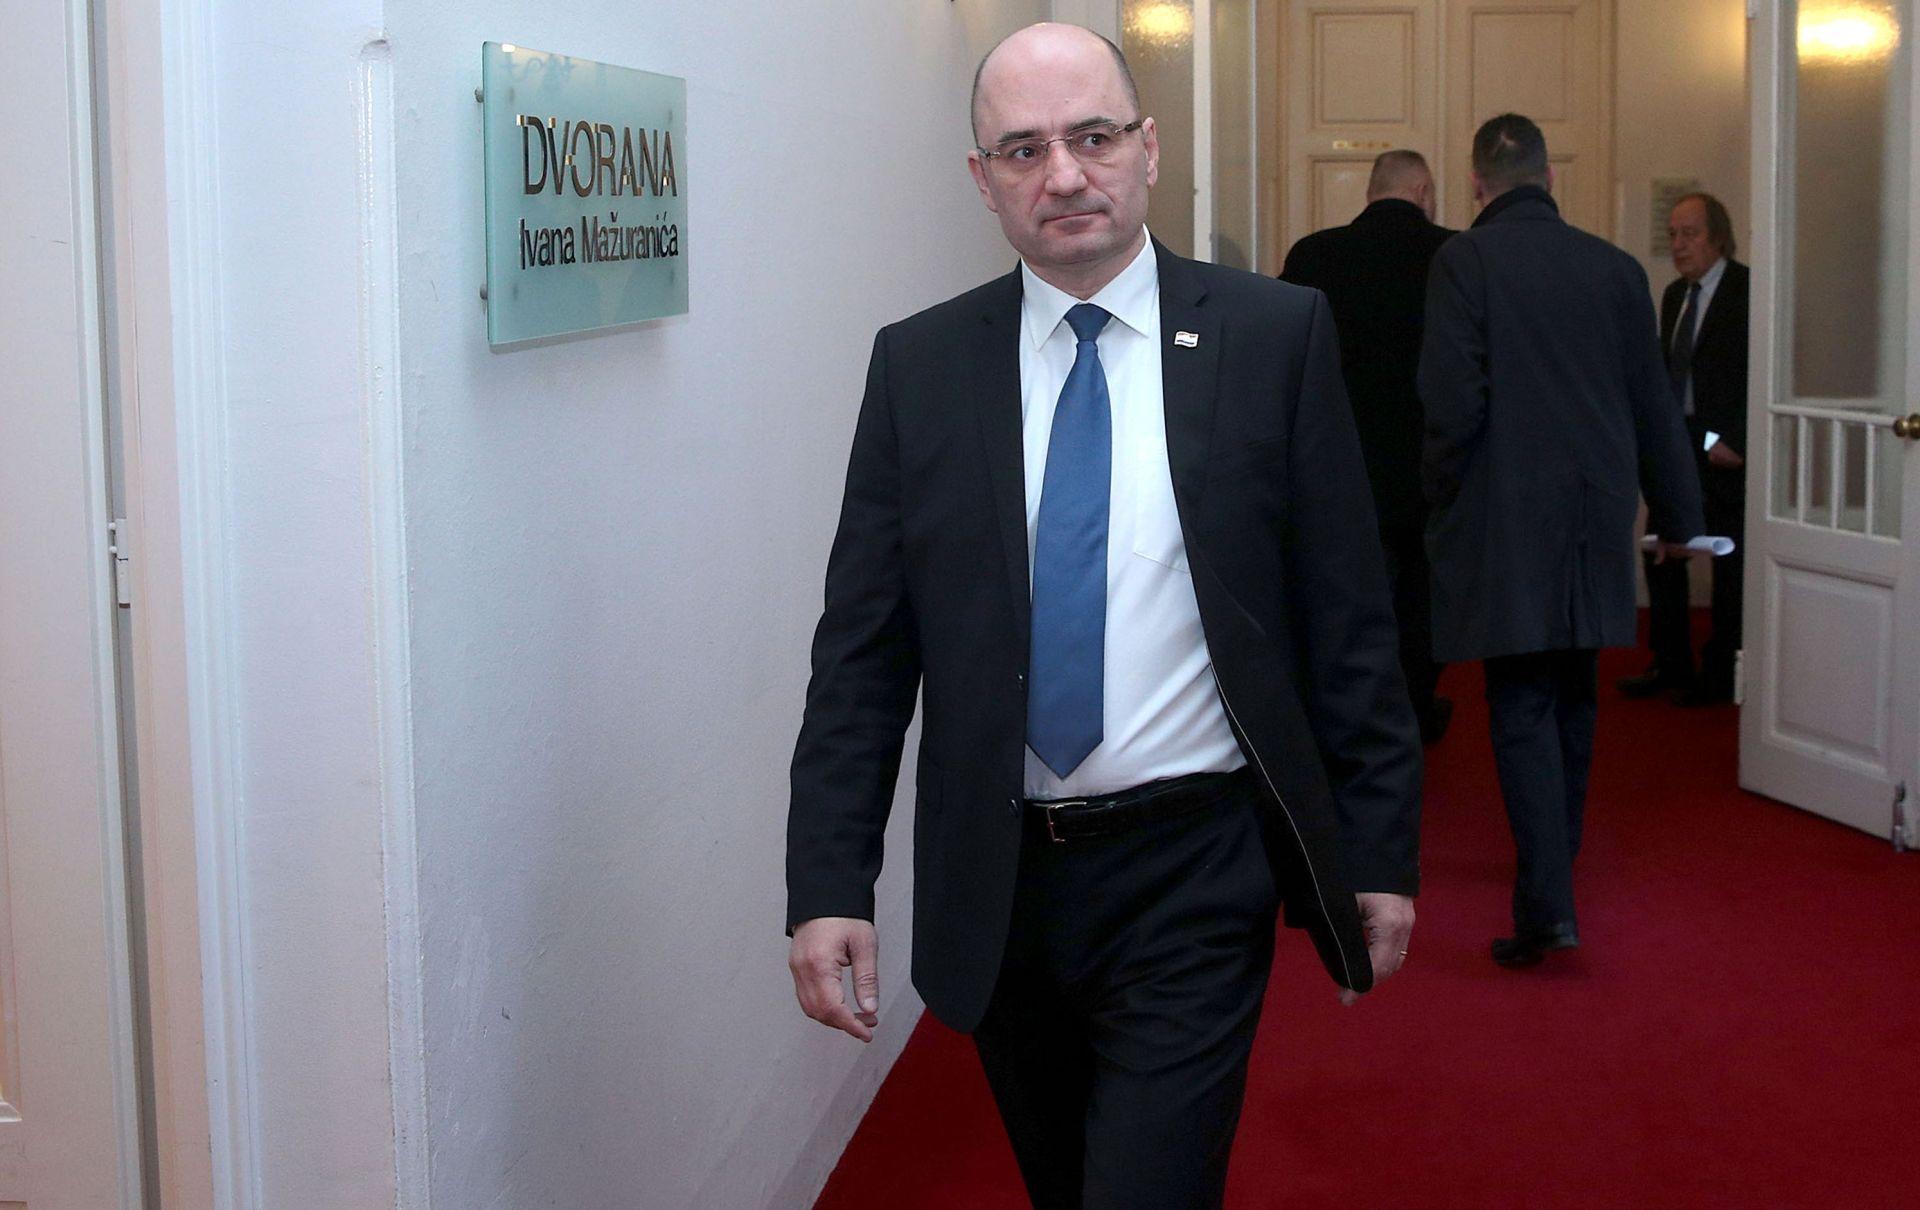 PRIVREMENI ODLAZAK BRKIĆA IZ SABORA: Na sastanku u HDZ-u predložena tri kandidata za ministra branitelja